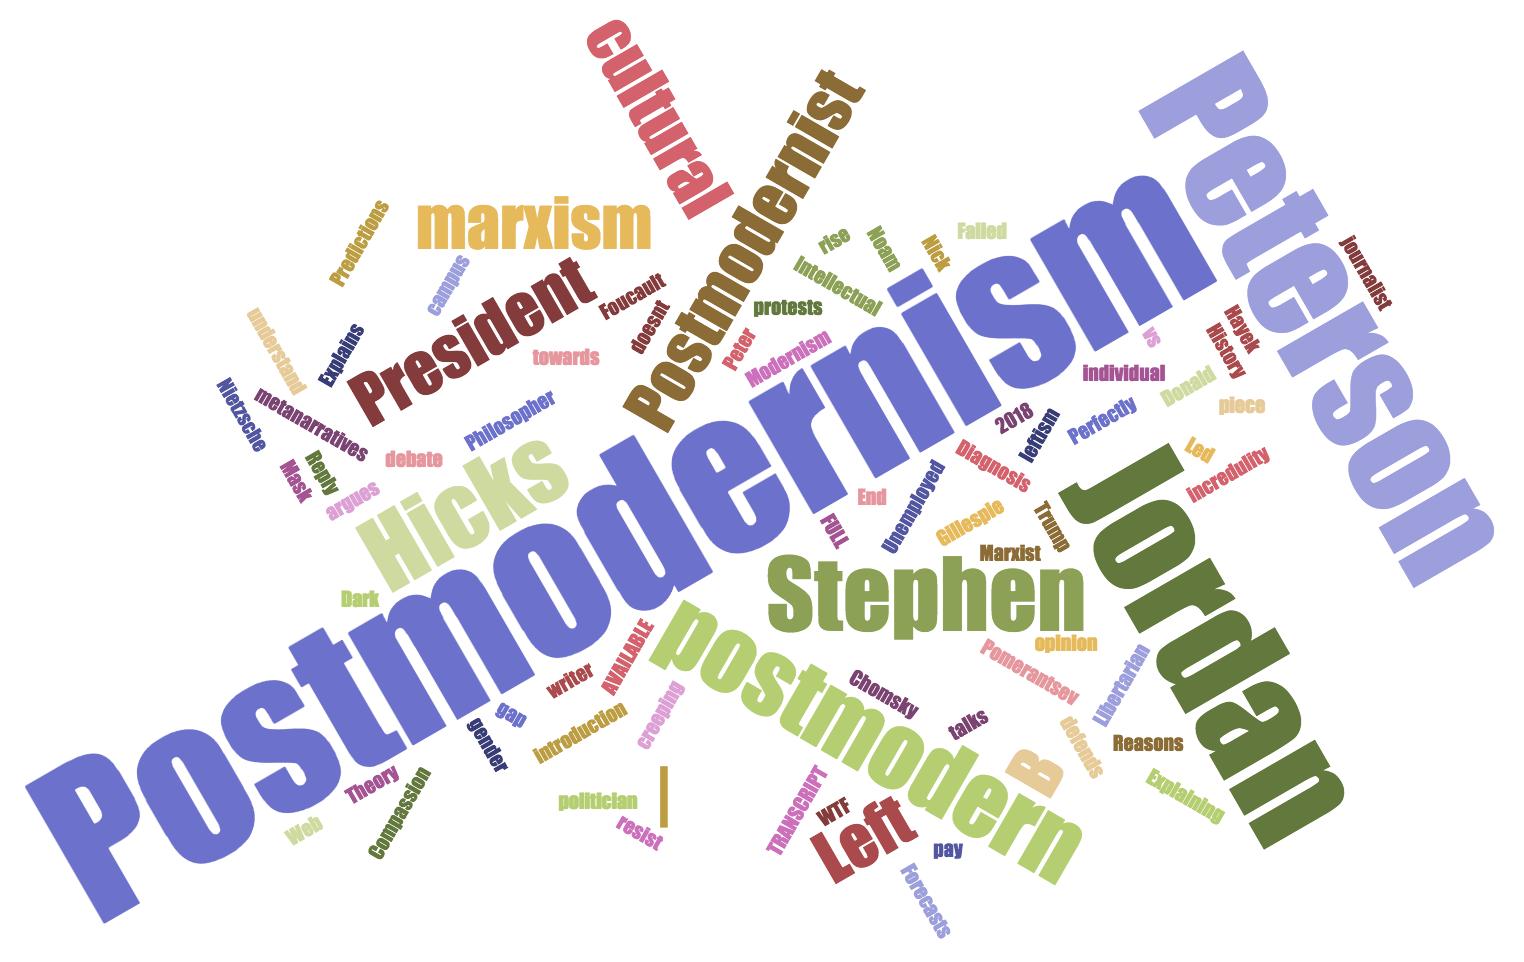 Póstmódernismi og sjálfsmyndarpólitík